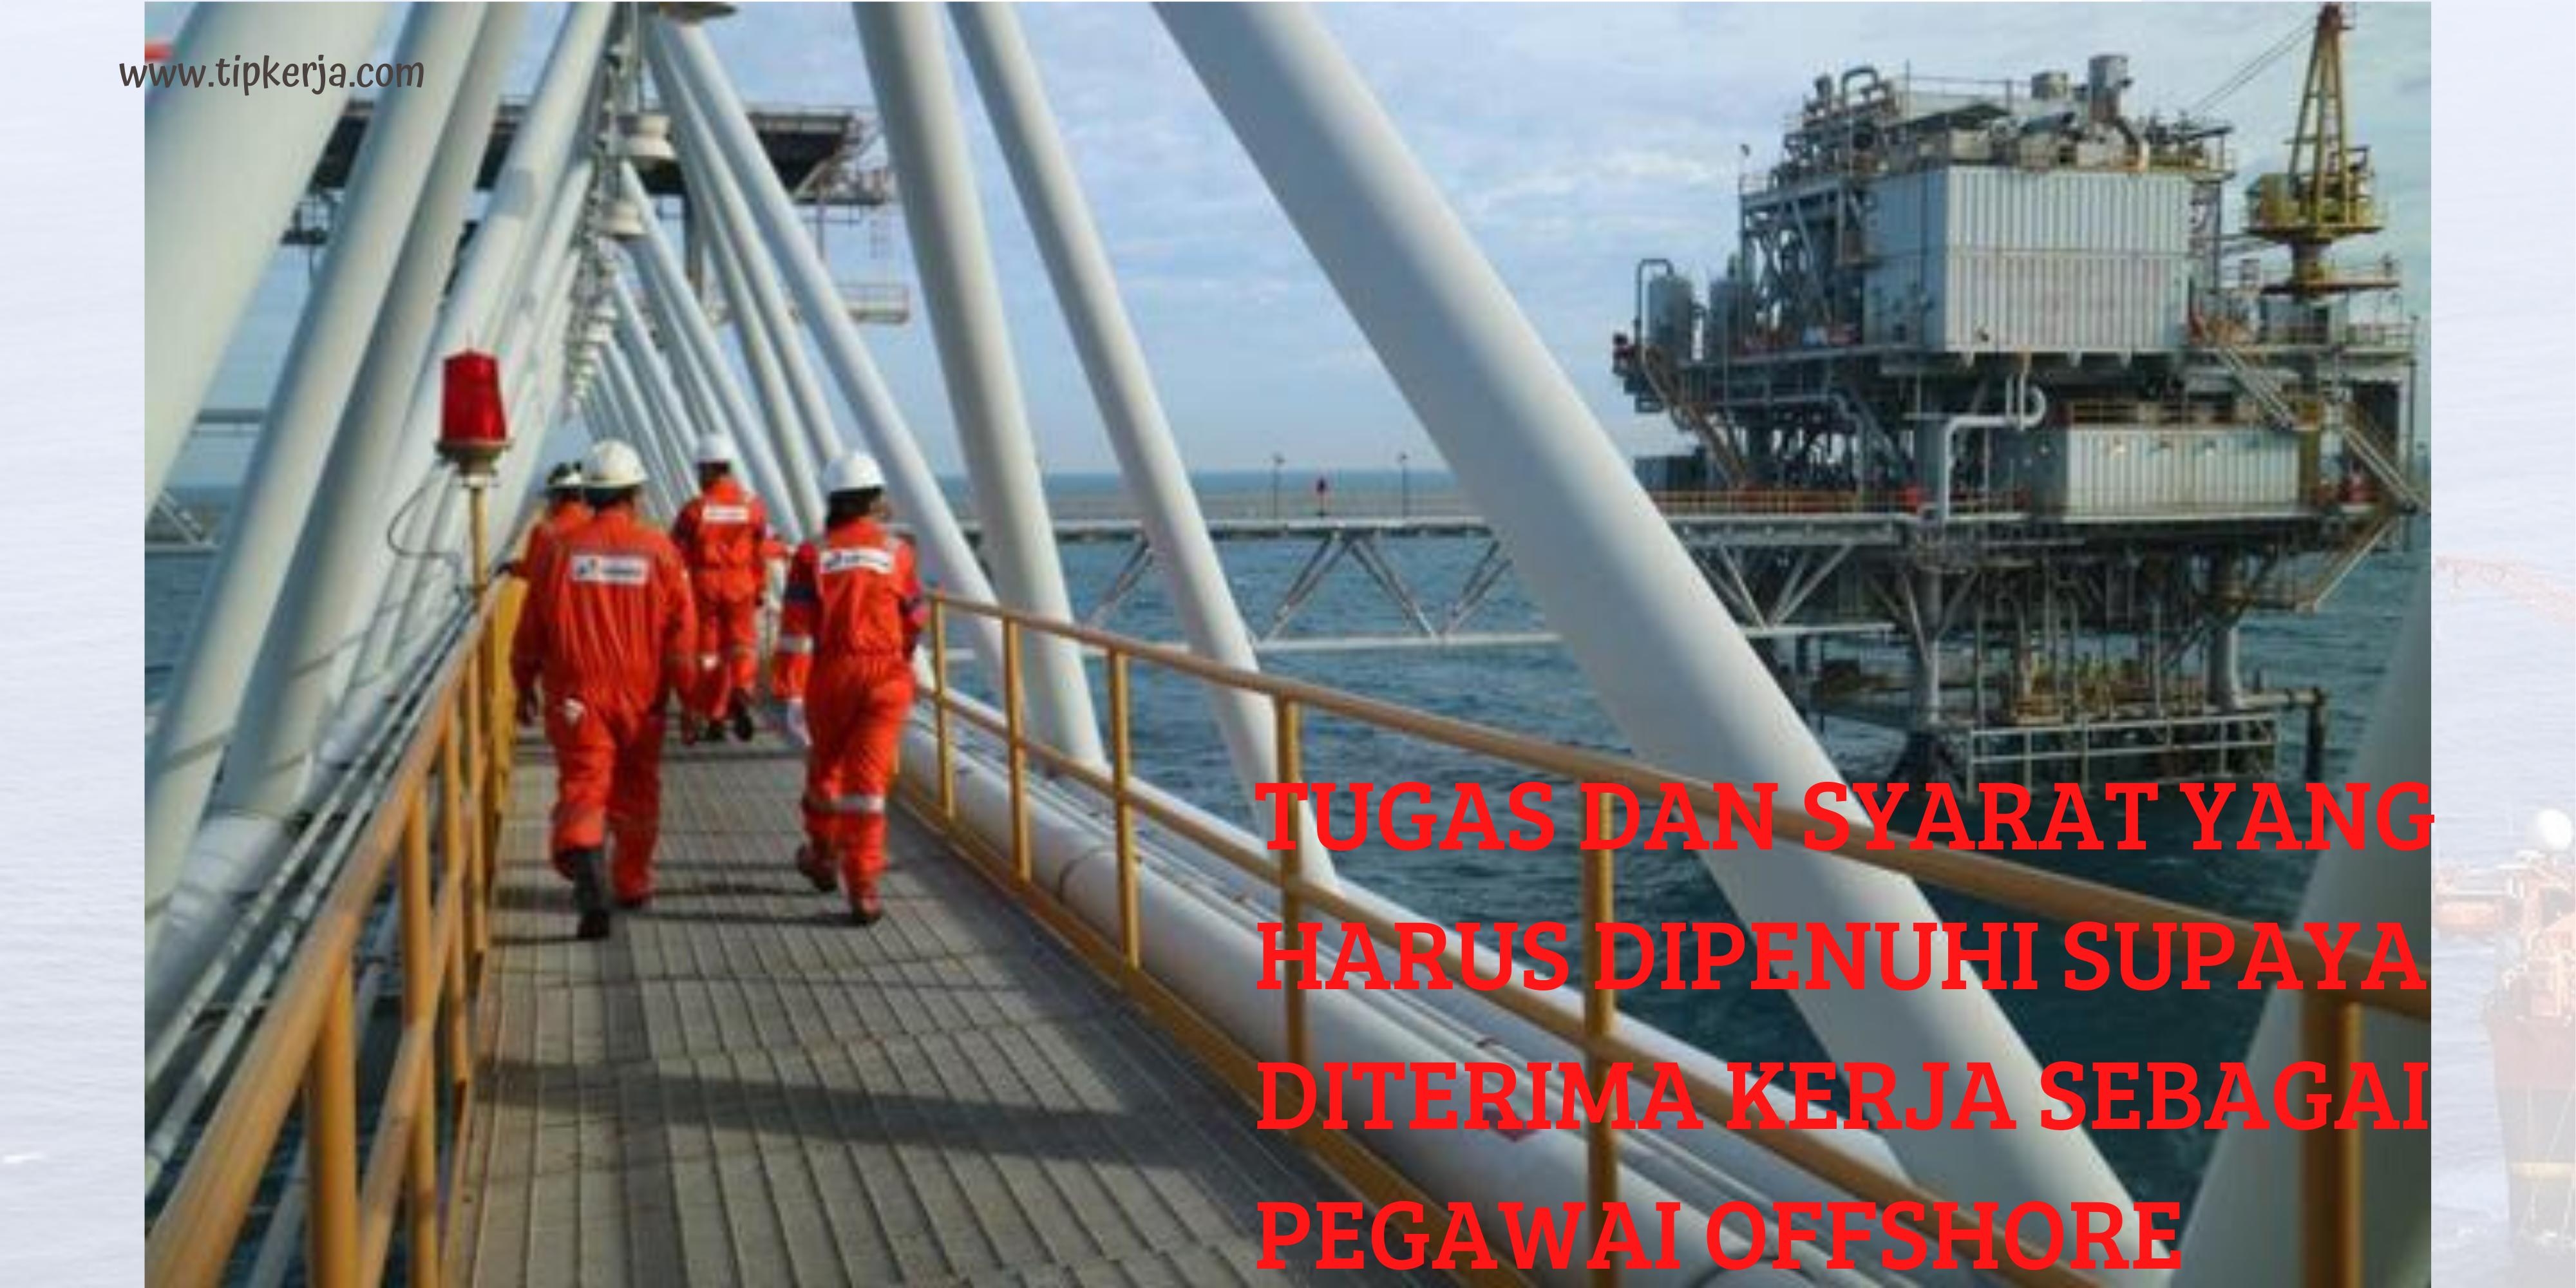 Gaji Pegawai Offshore